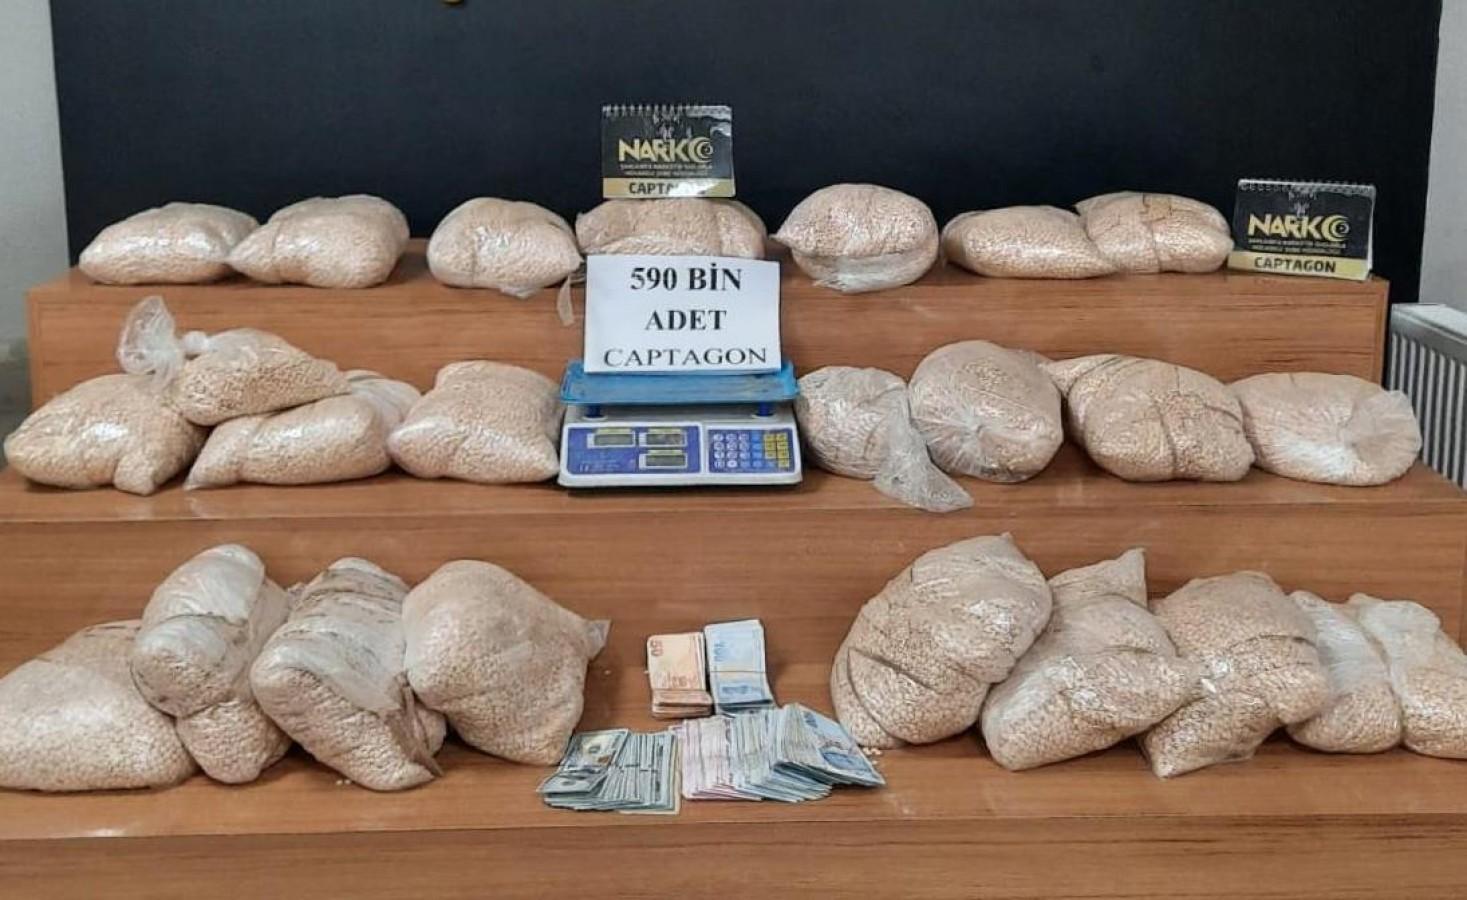 Şanlıurfa'da 590 bin adet uyuşturucu hap ele geçirildi